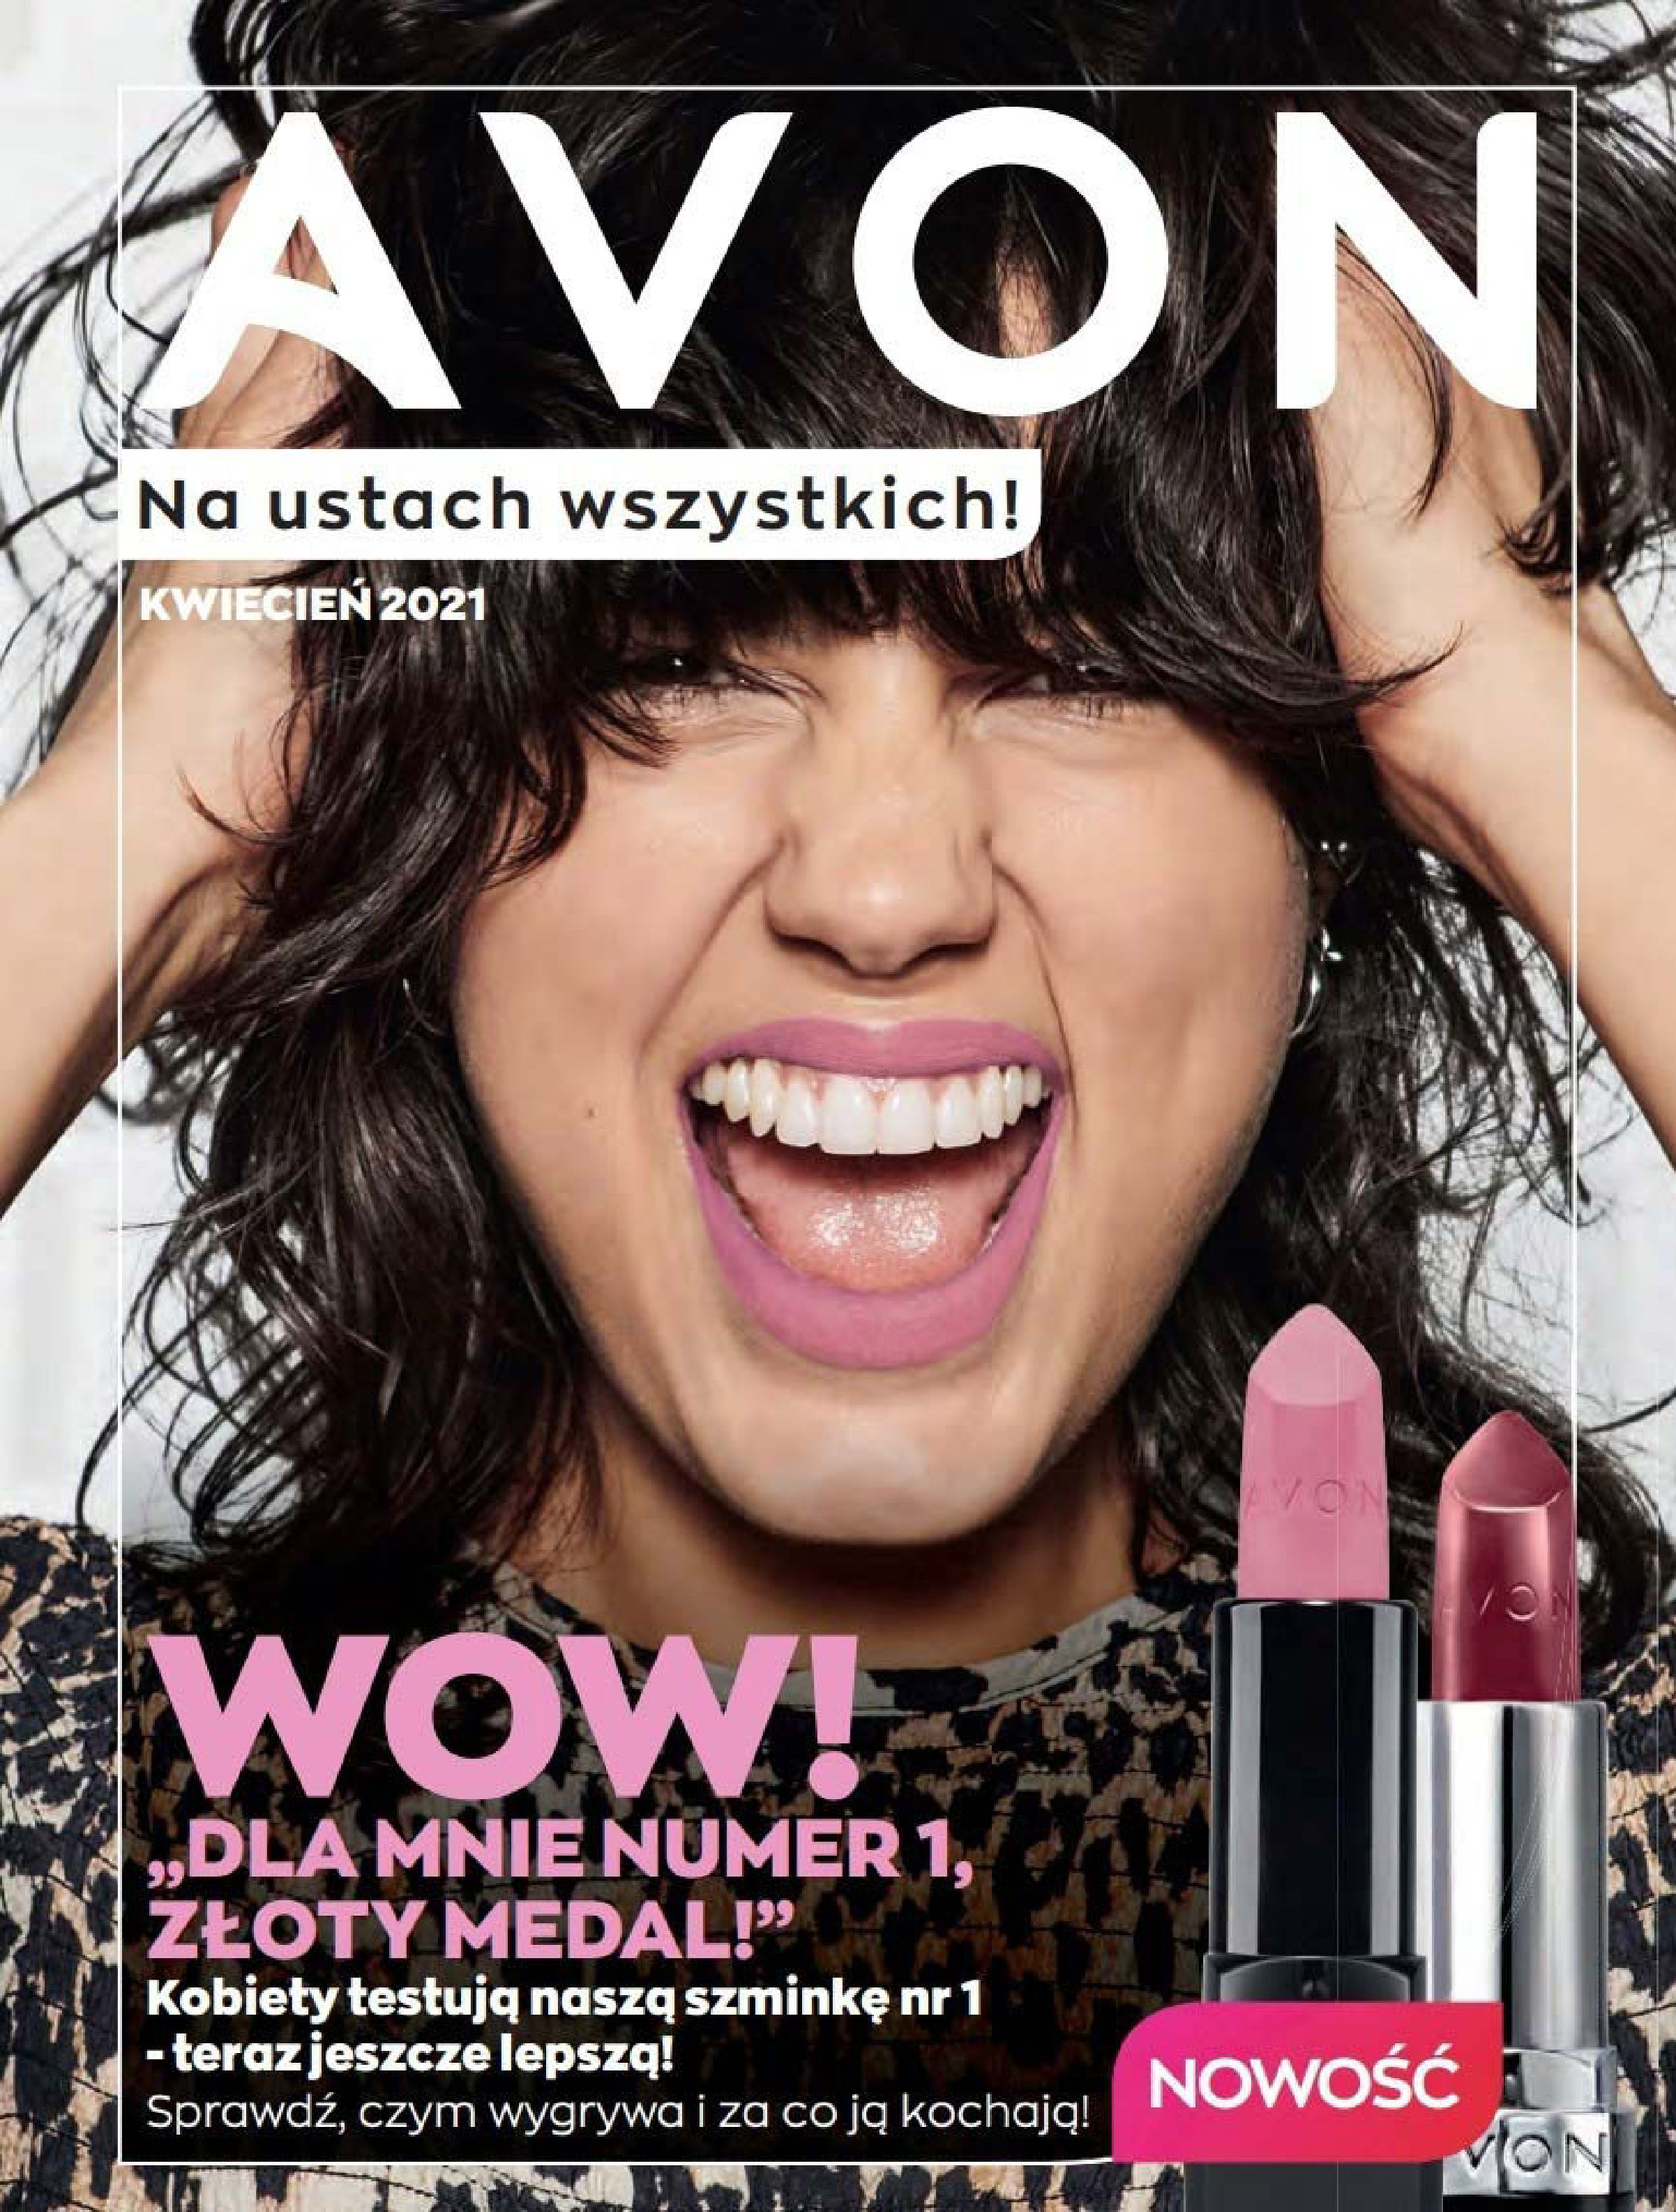 Avon:  Katalog Kwiecień 2021 31.03.2021